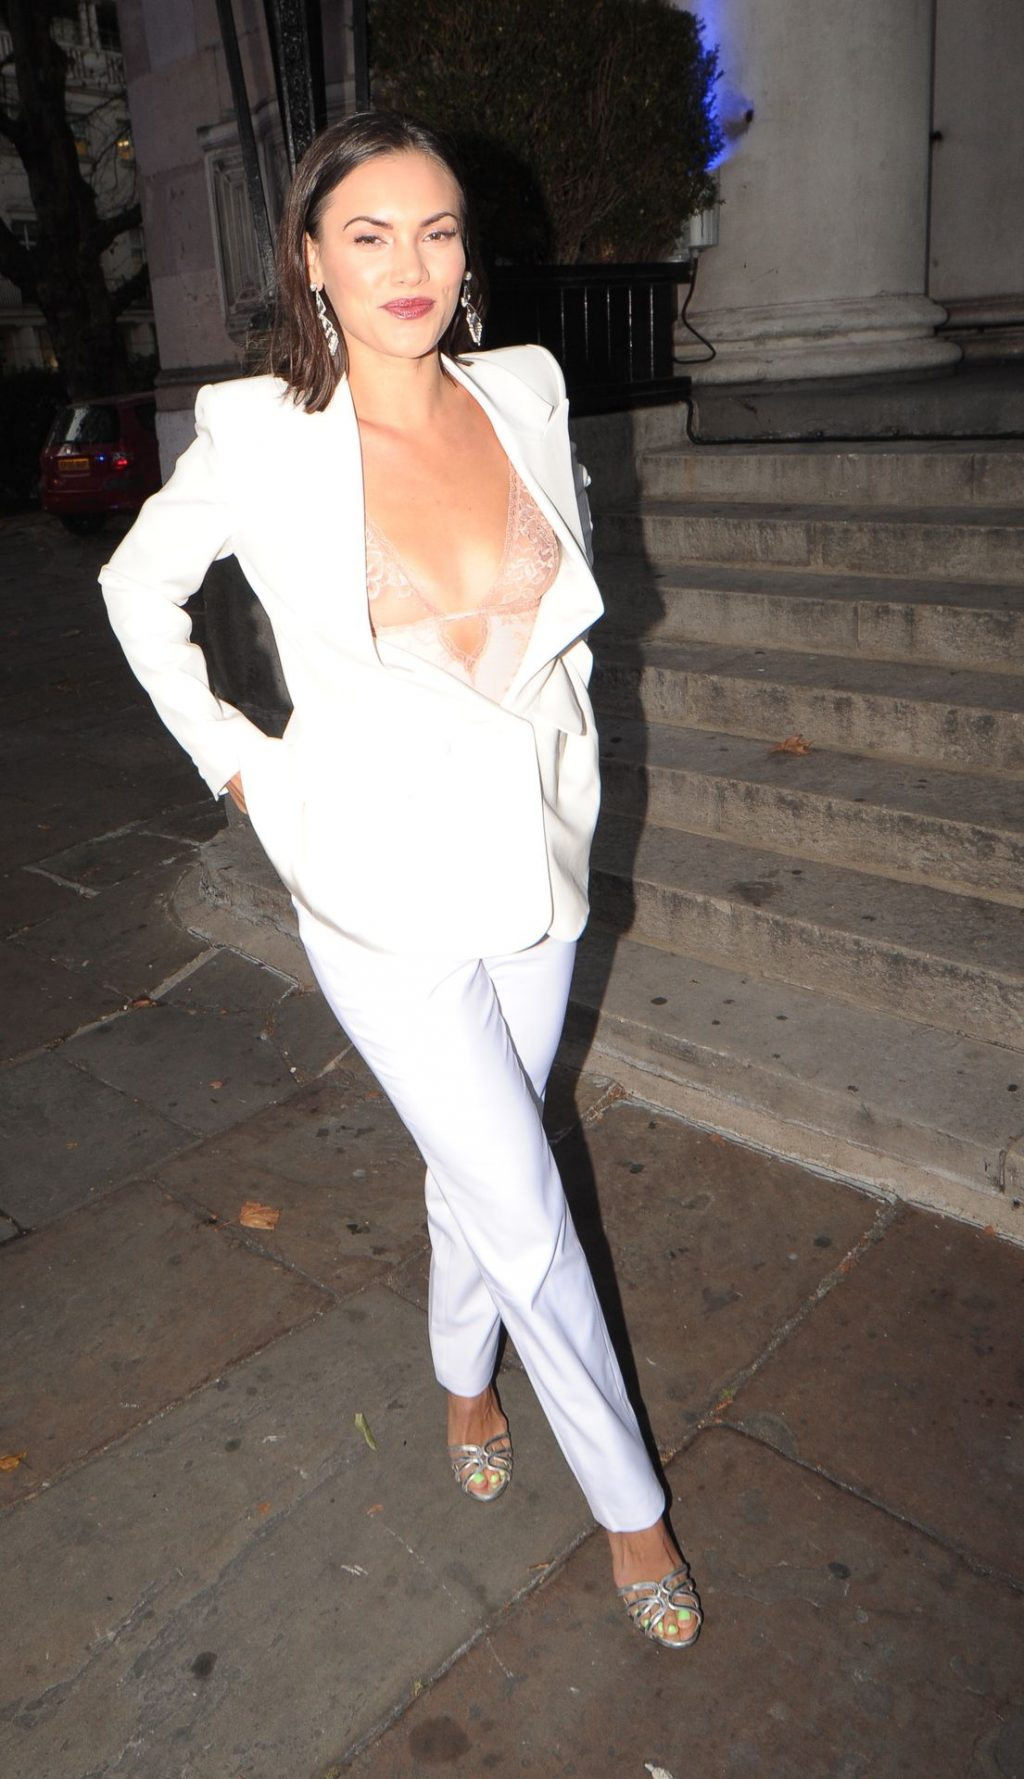 Sinéad Harnett See Through (6 Slightly Nude Photos)